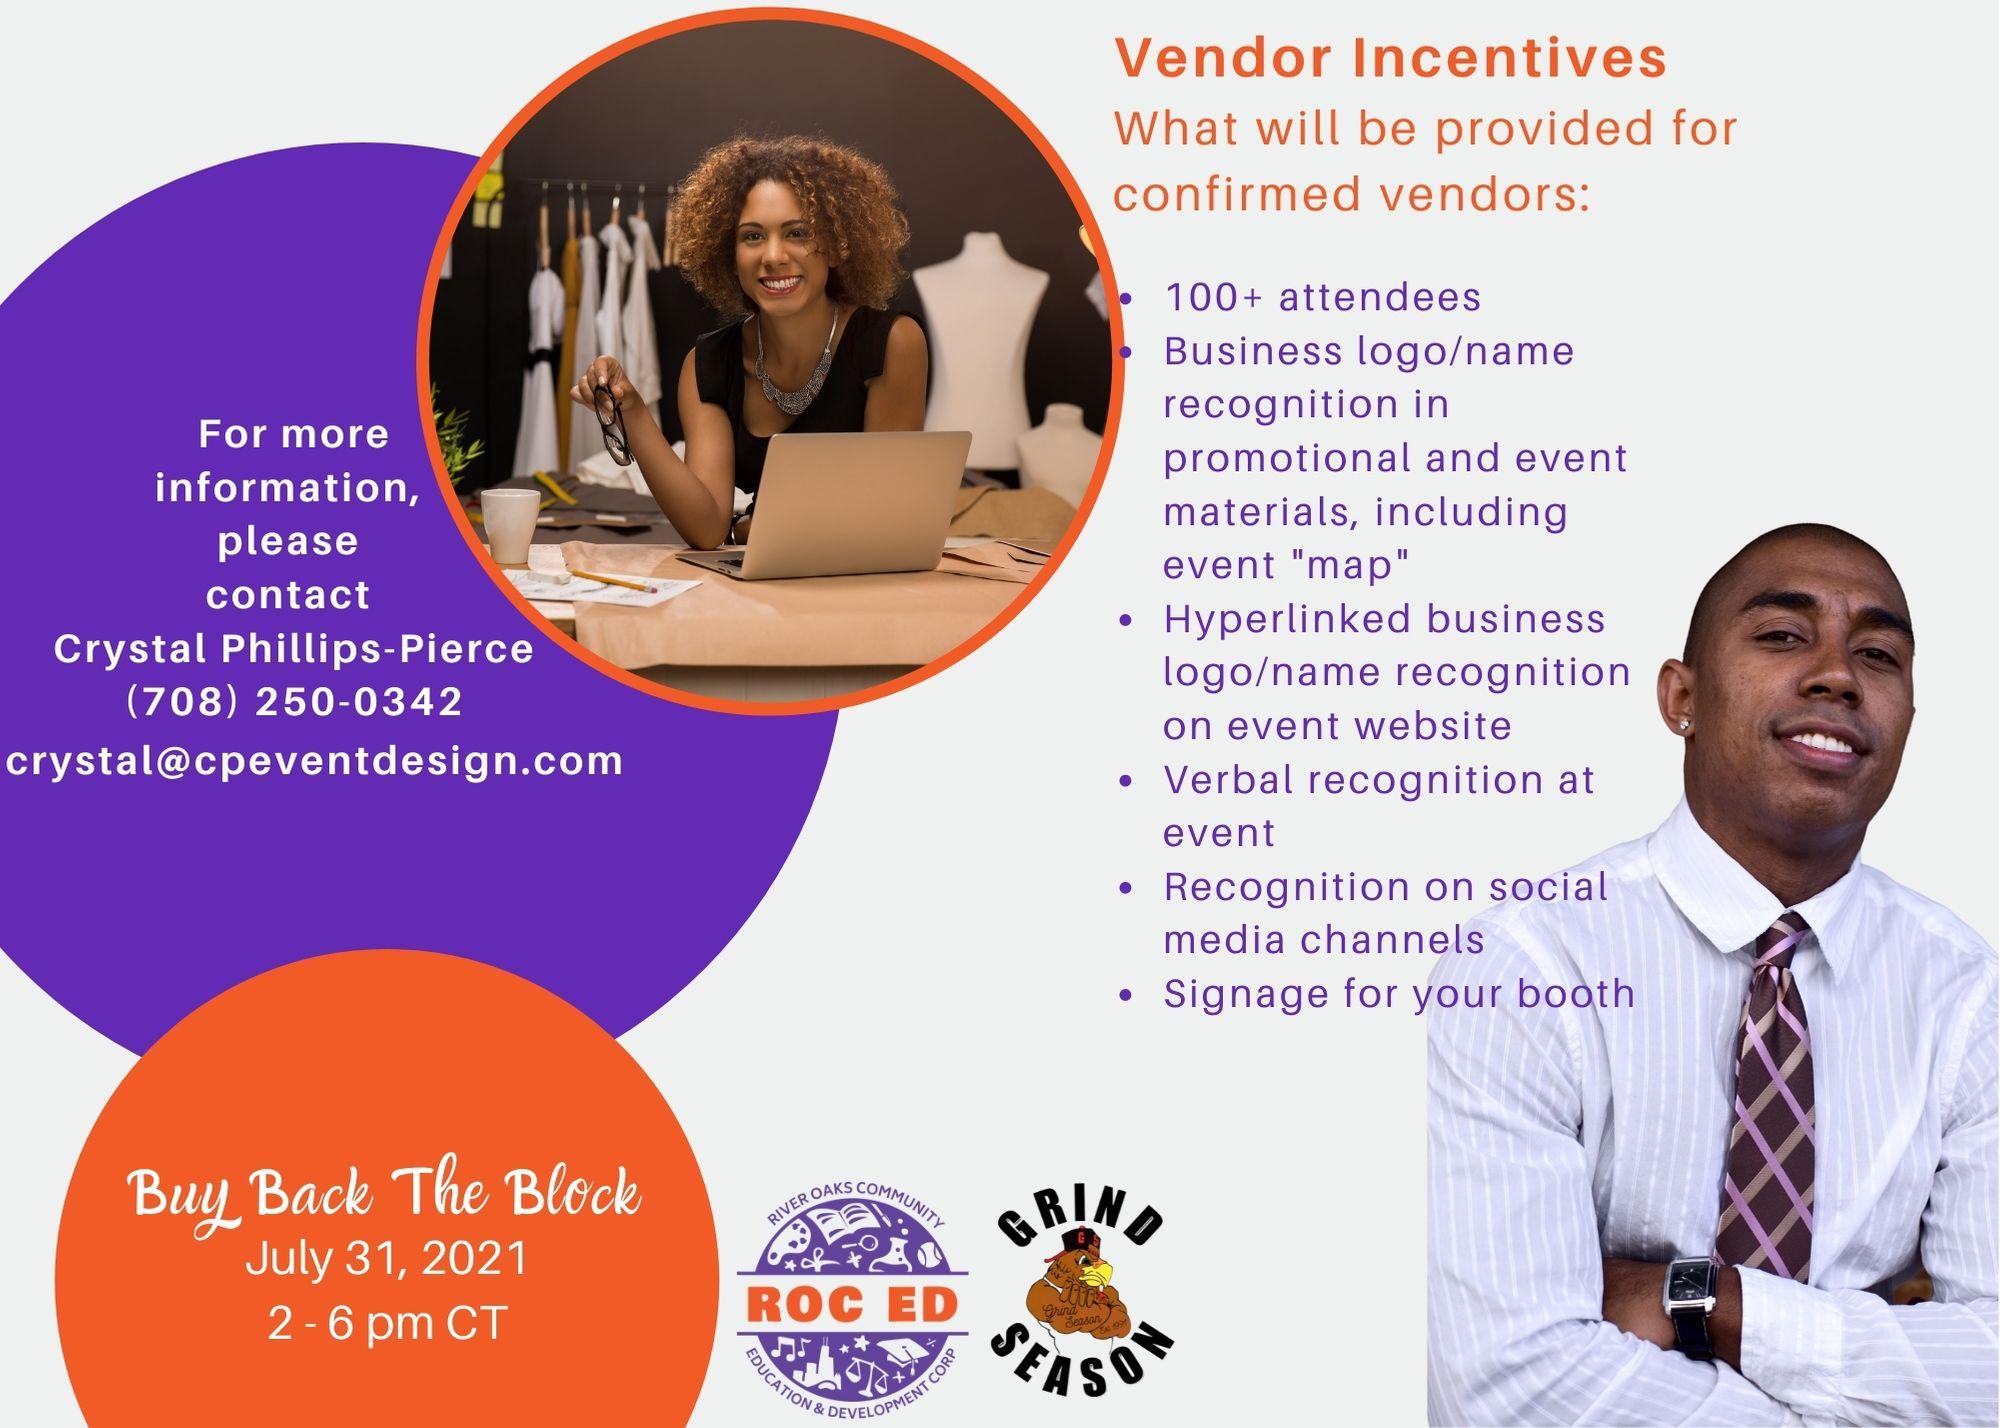 Vendor Incentives